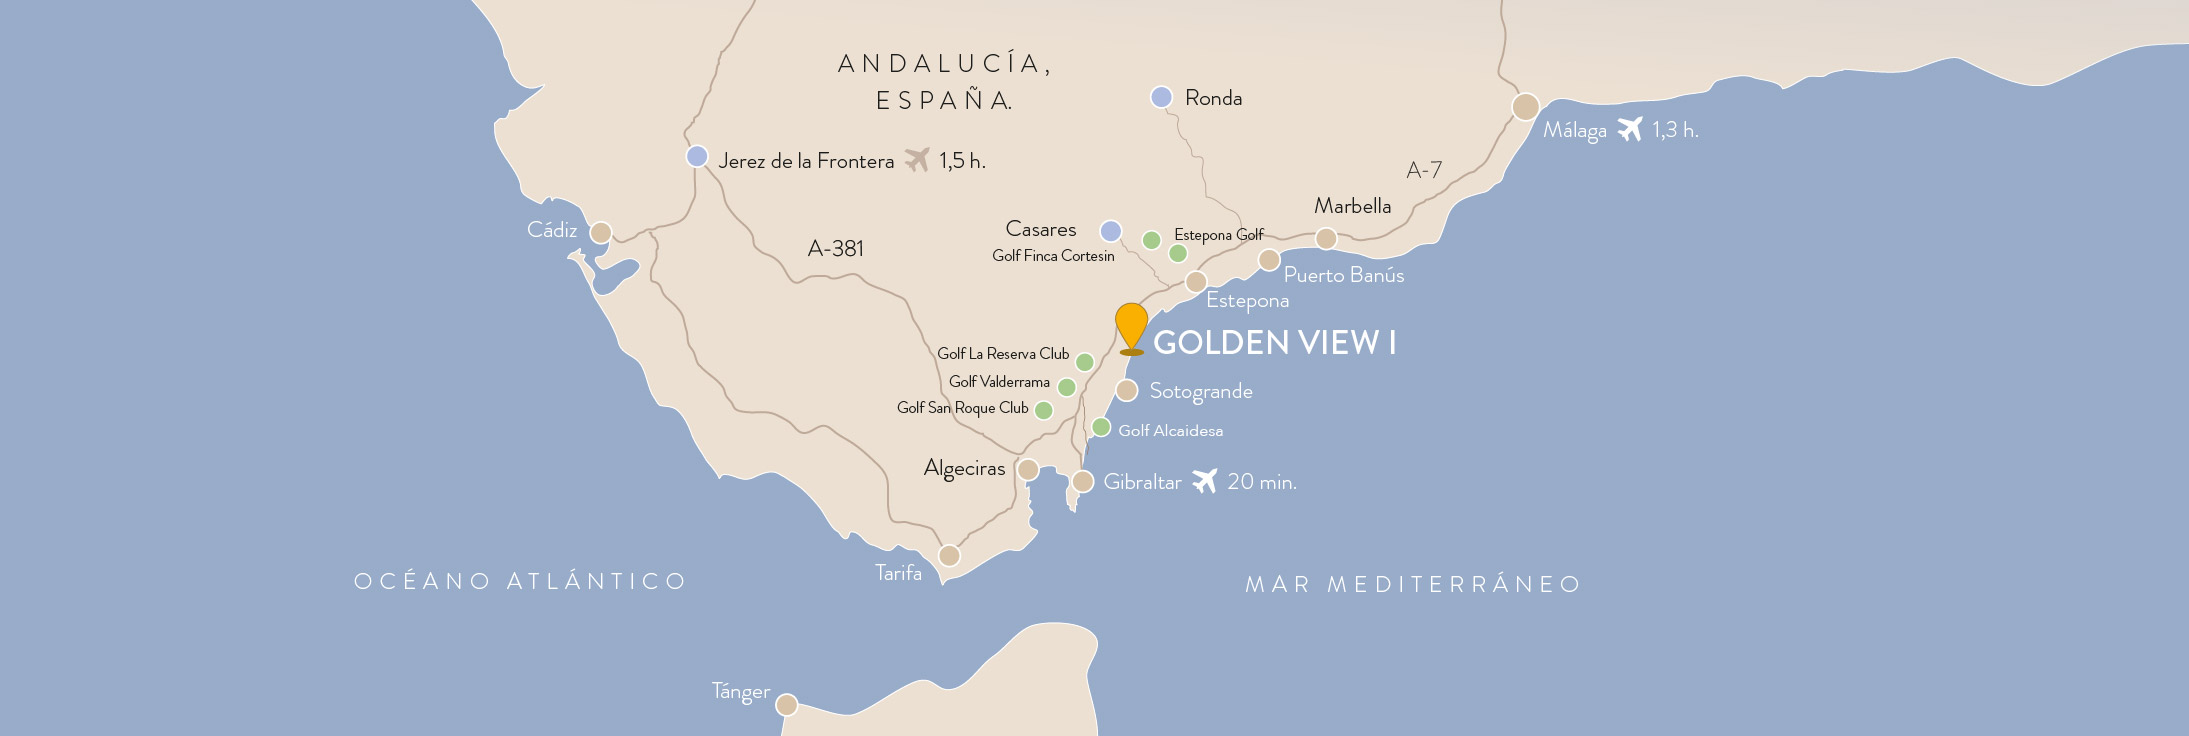 Bahia de Las Rocas, the perfect location